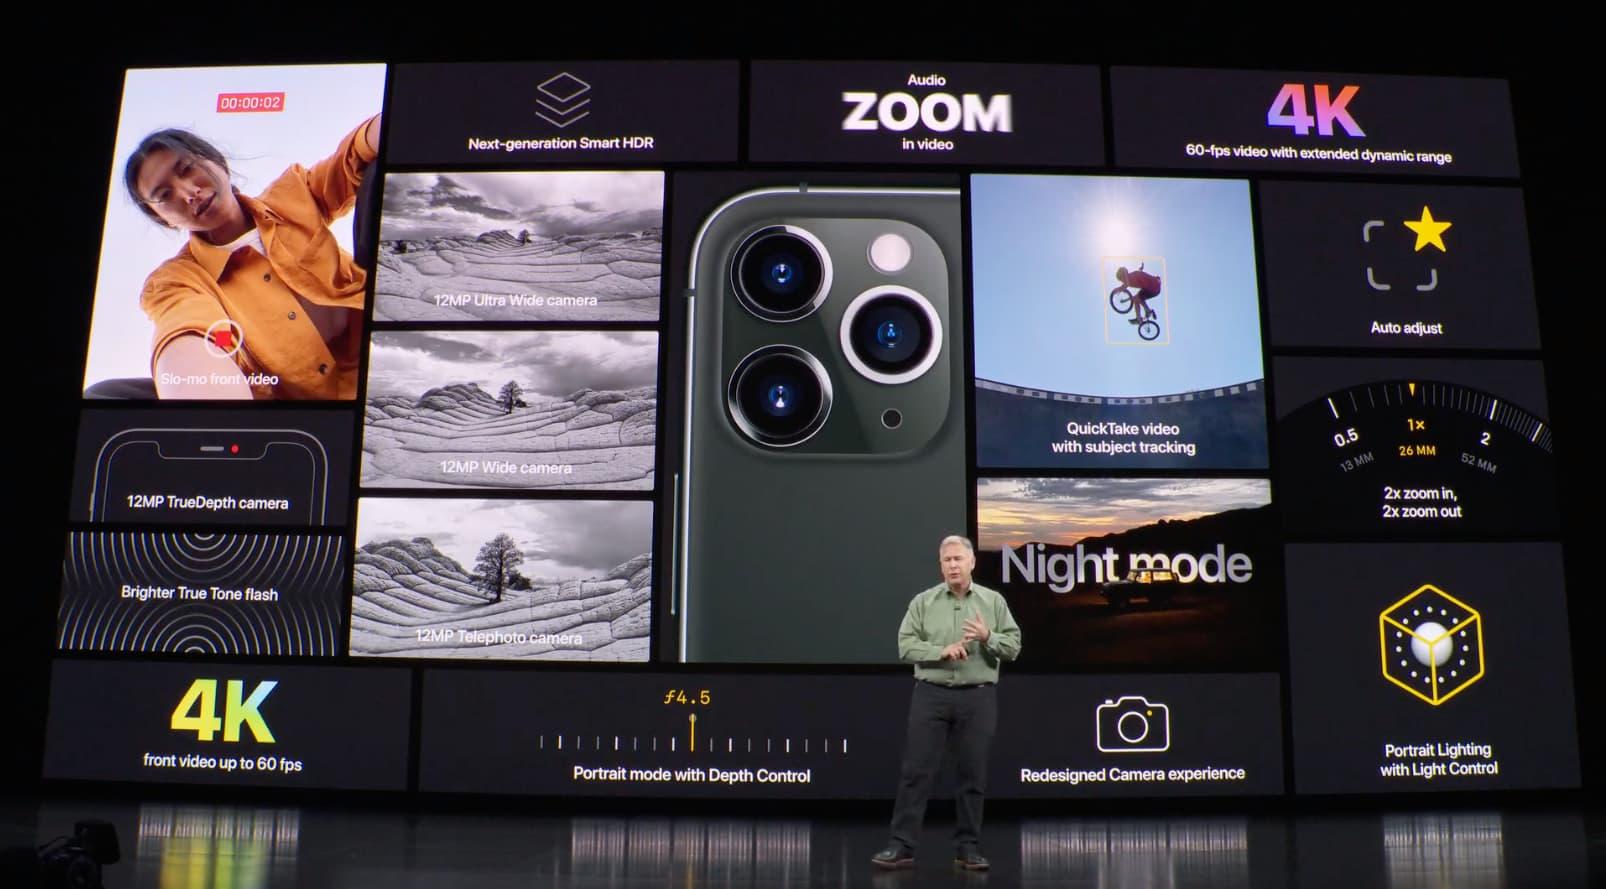 iPhone camera exposure focus compensation value - iPhone 11 Pro press event slide